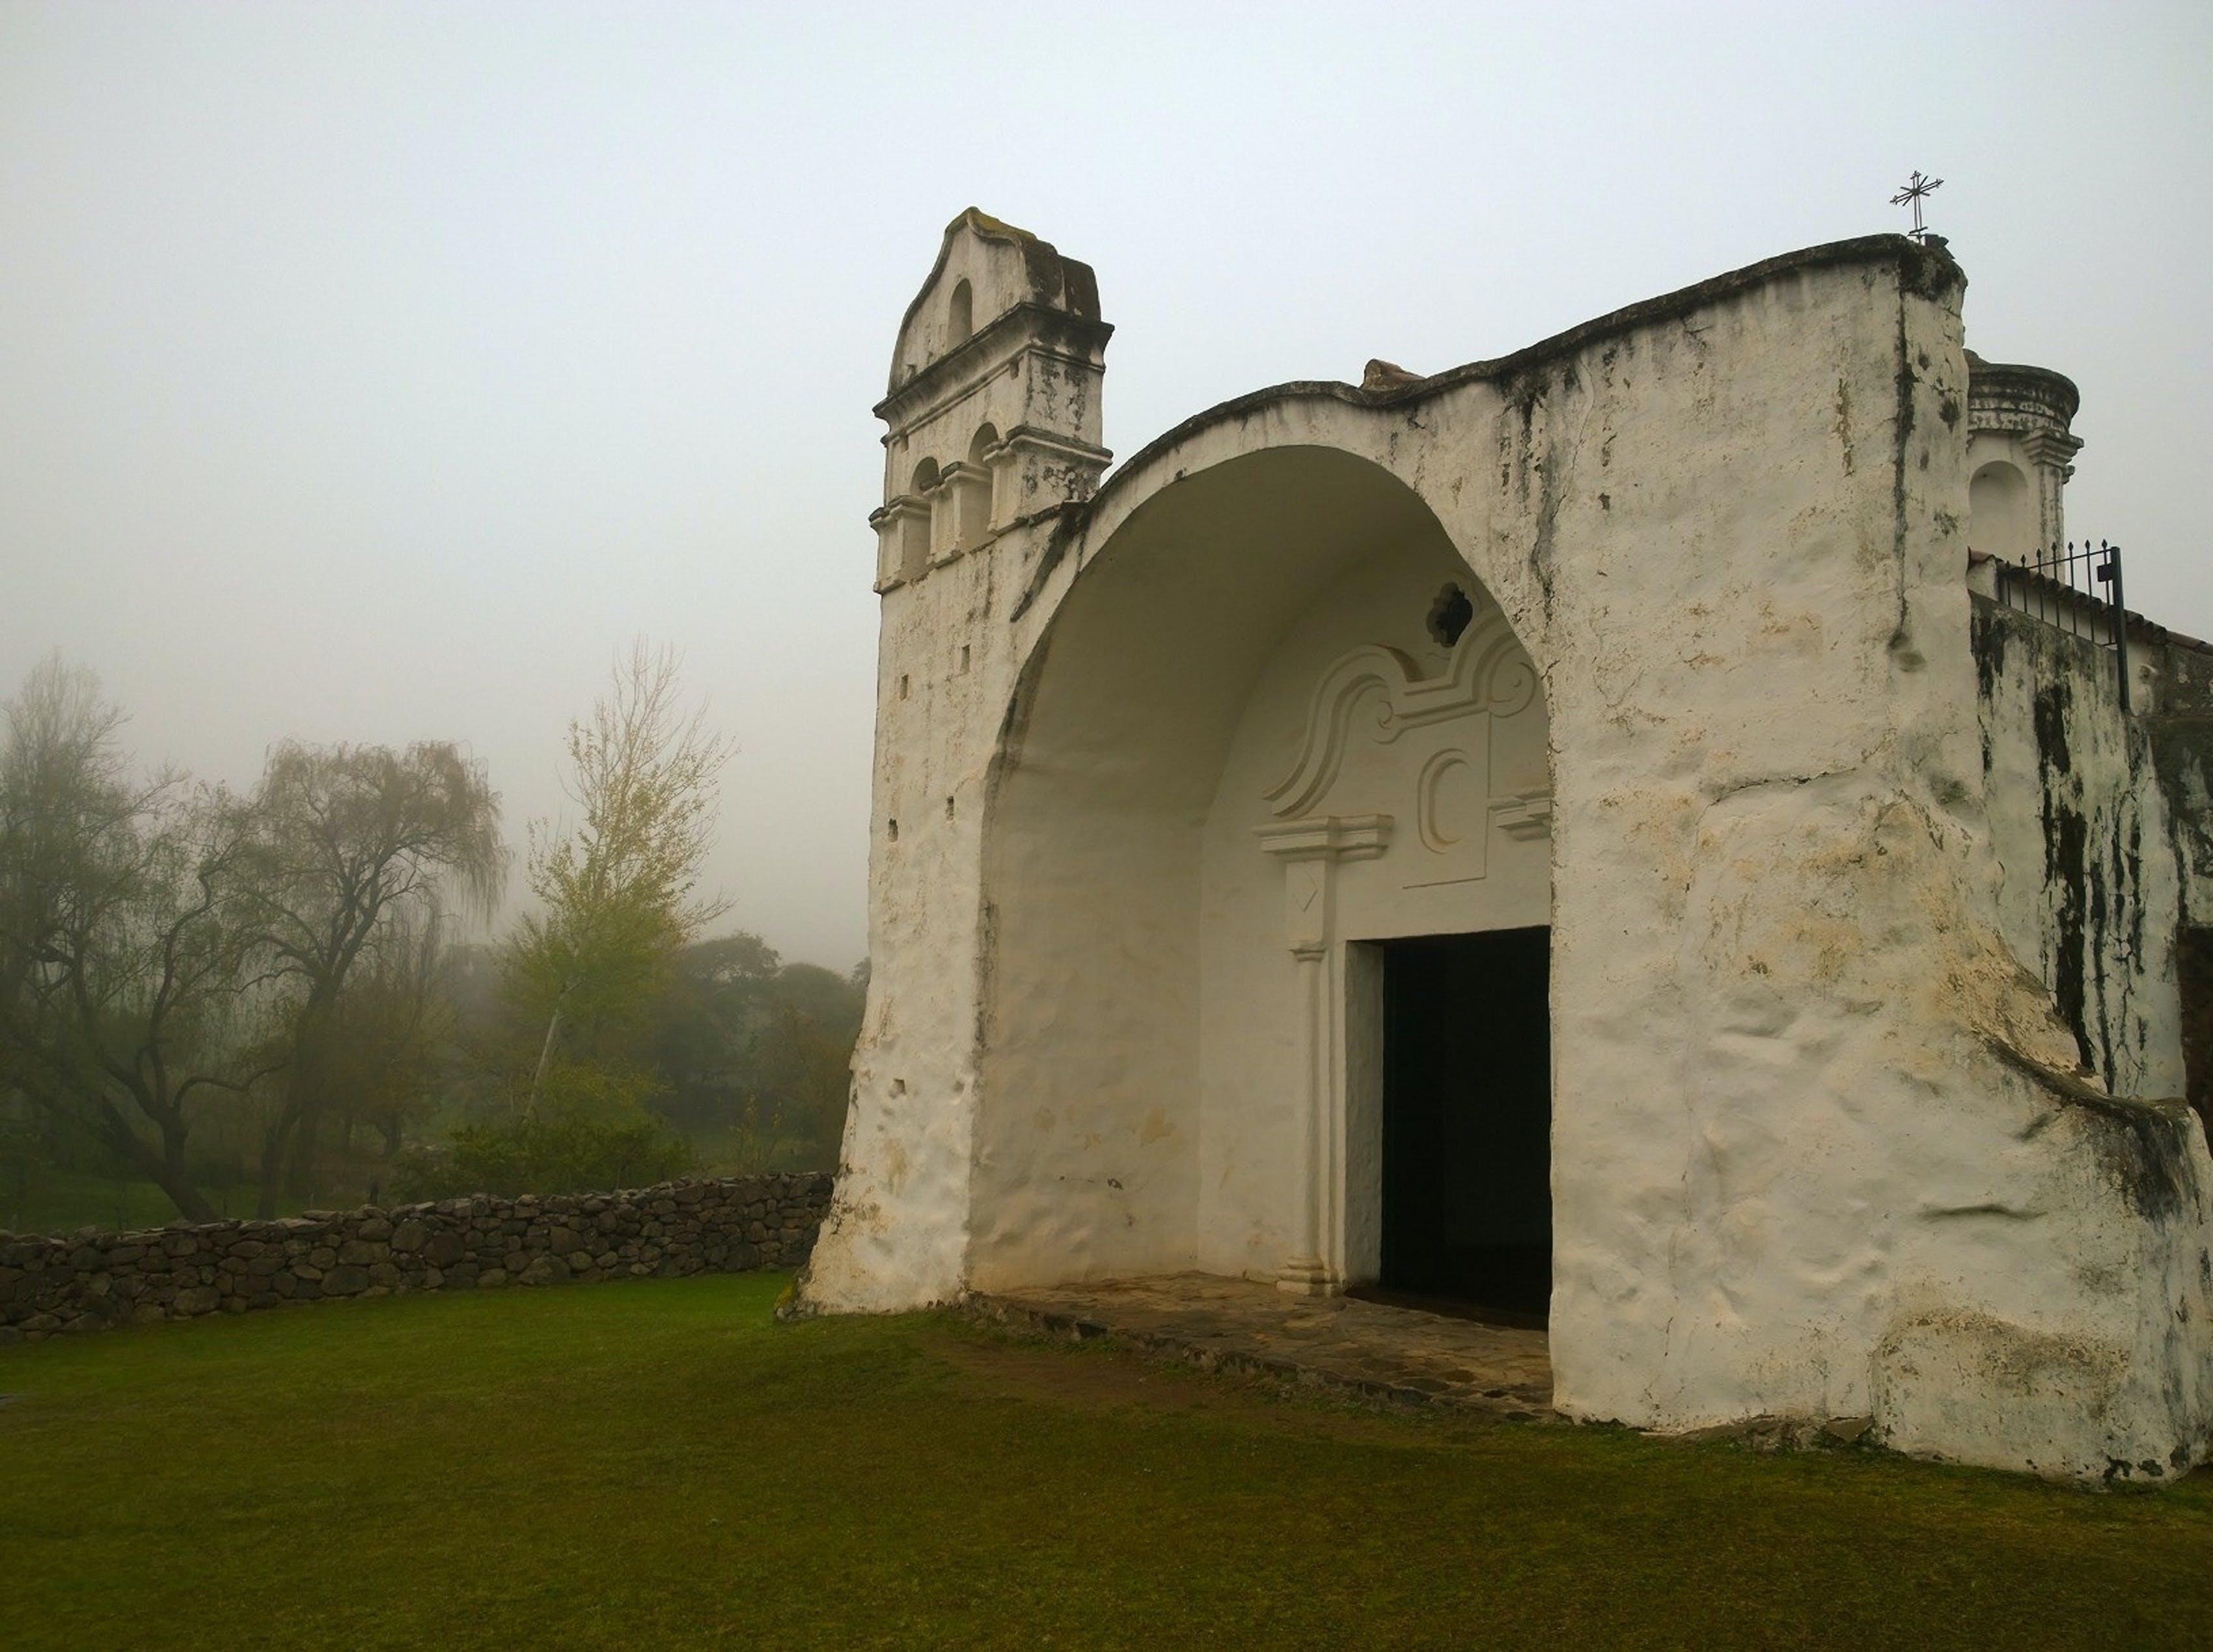 Δωρεάν στοκ φωτογραφιών με βουνό, εκκλησία, εξοχή, ομίχλη